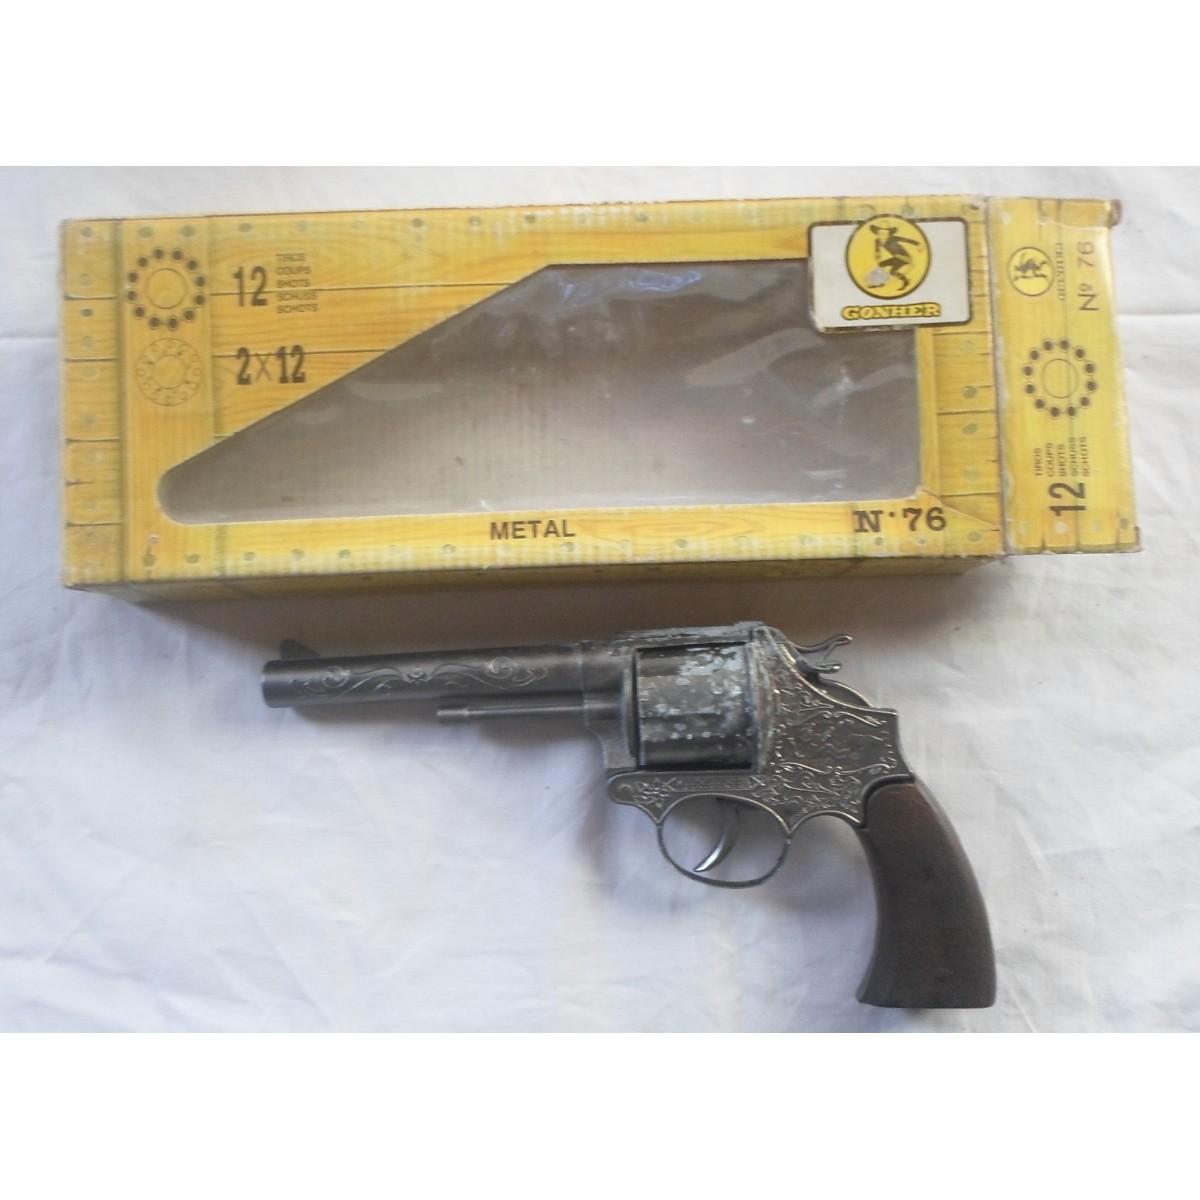 Μεταλλικό και πλαστικό όπλο Grand GONHER Νο 76.